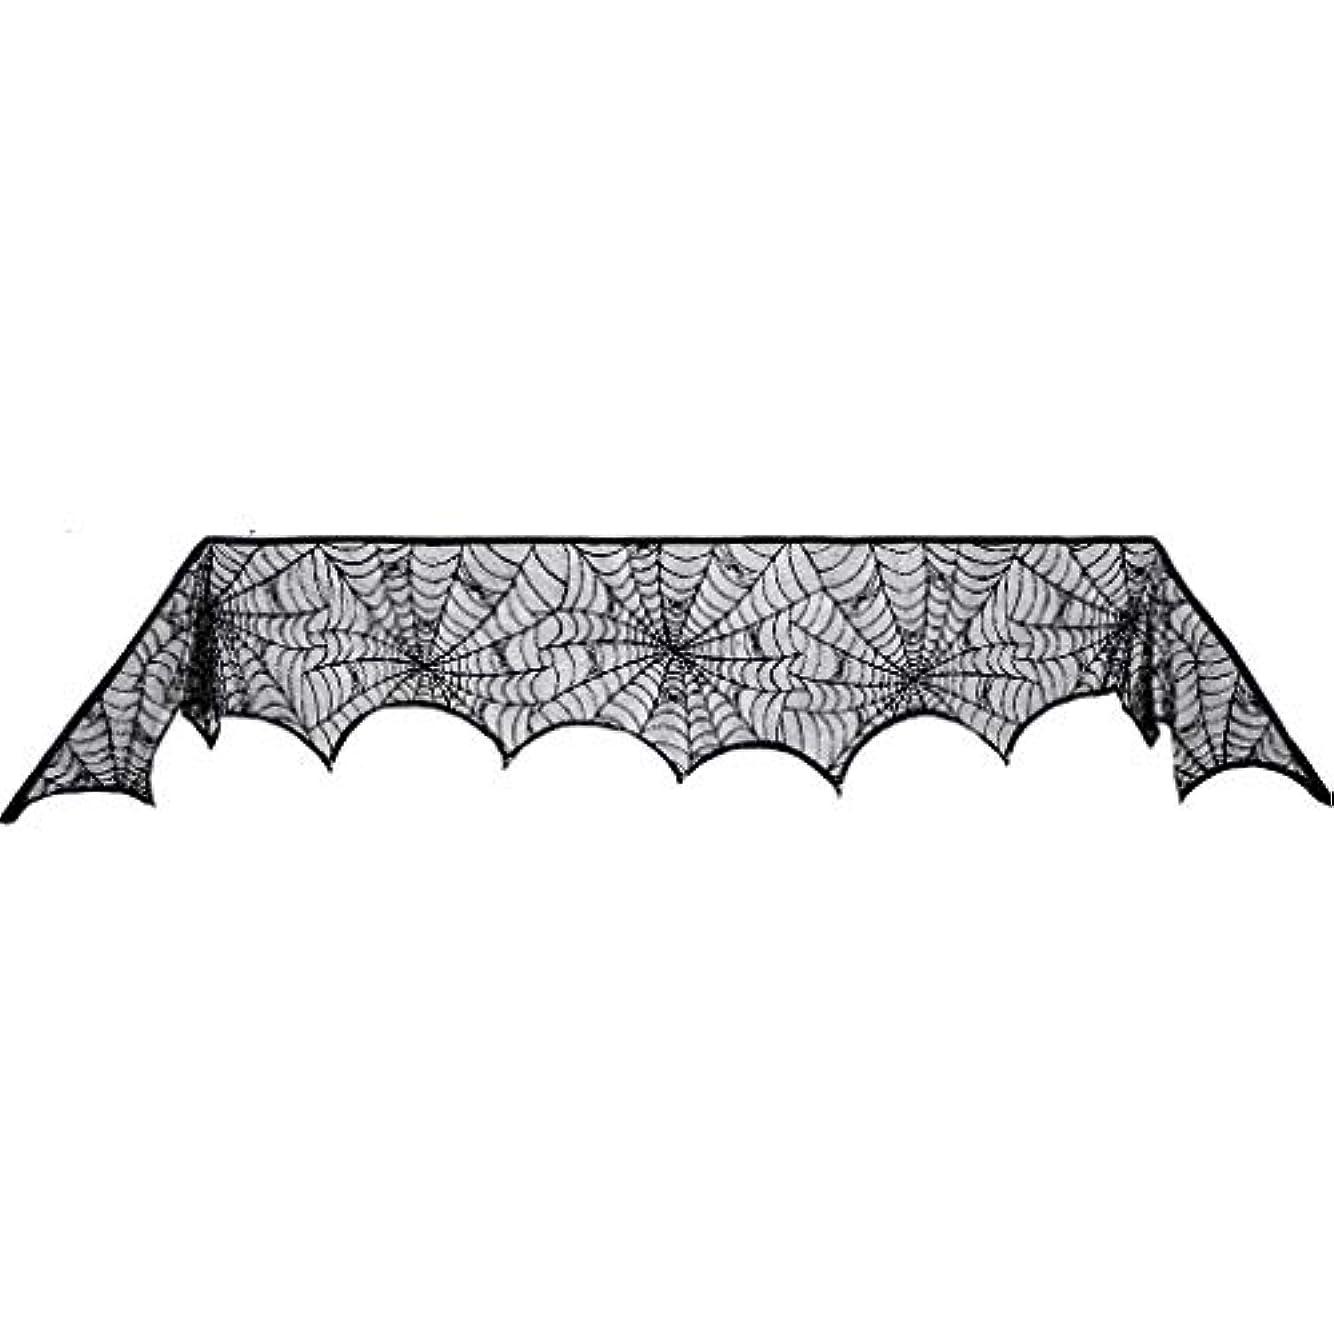 選出するまともなエンターテインメントハロウィンの黒いレースのクモの巣の暖炉のマントルスカーフカバー、ハロウィンの小道具の装飾